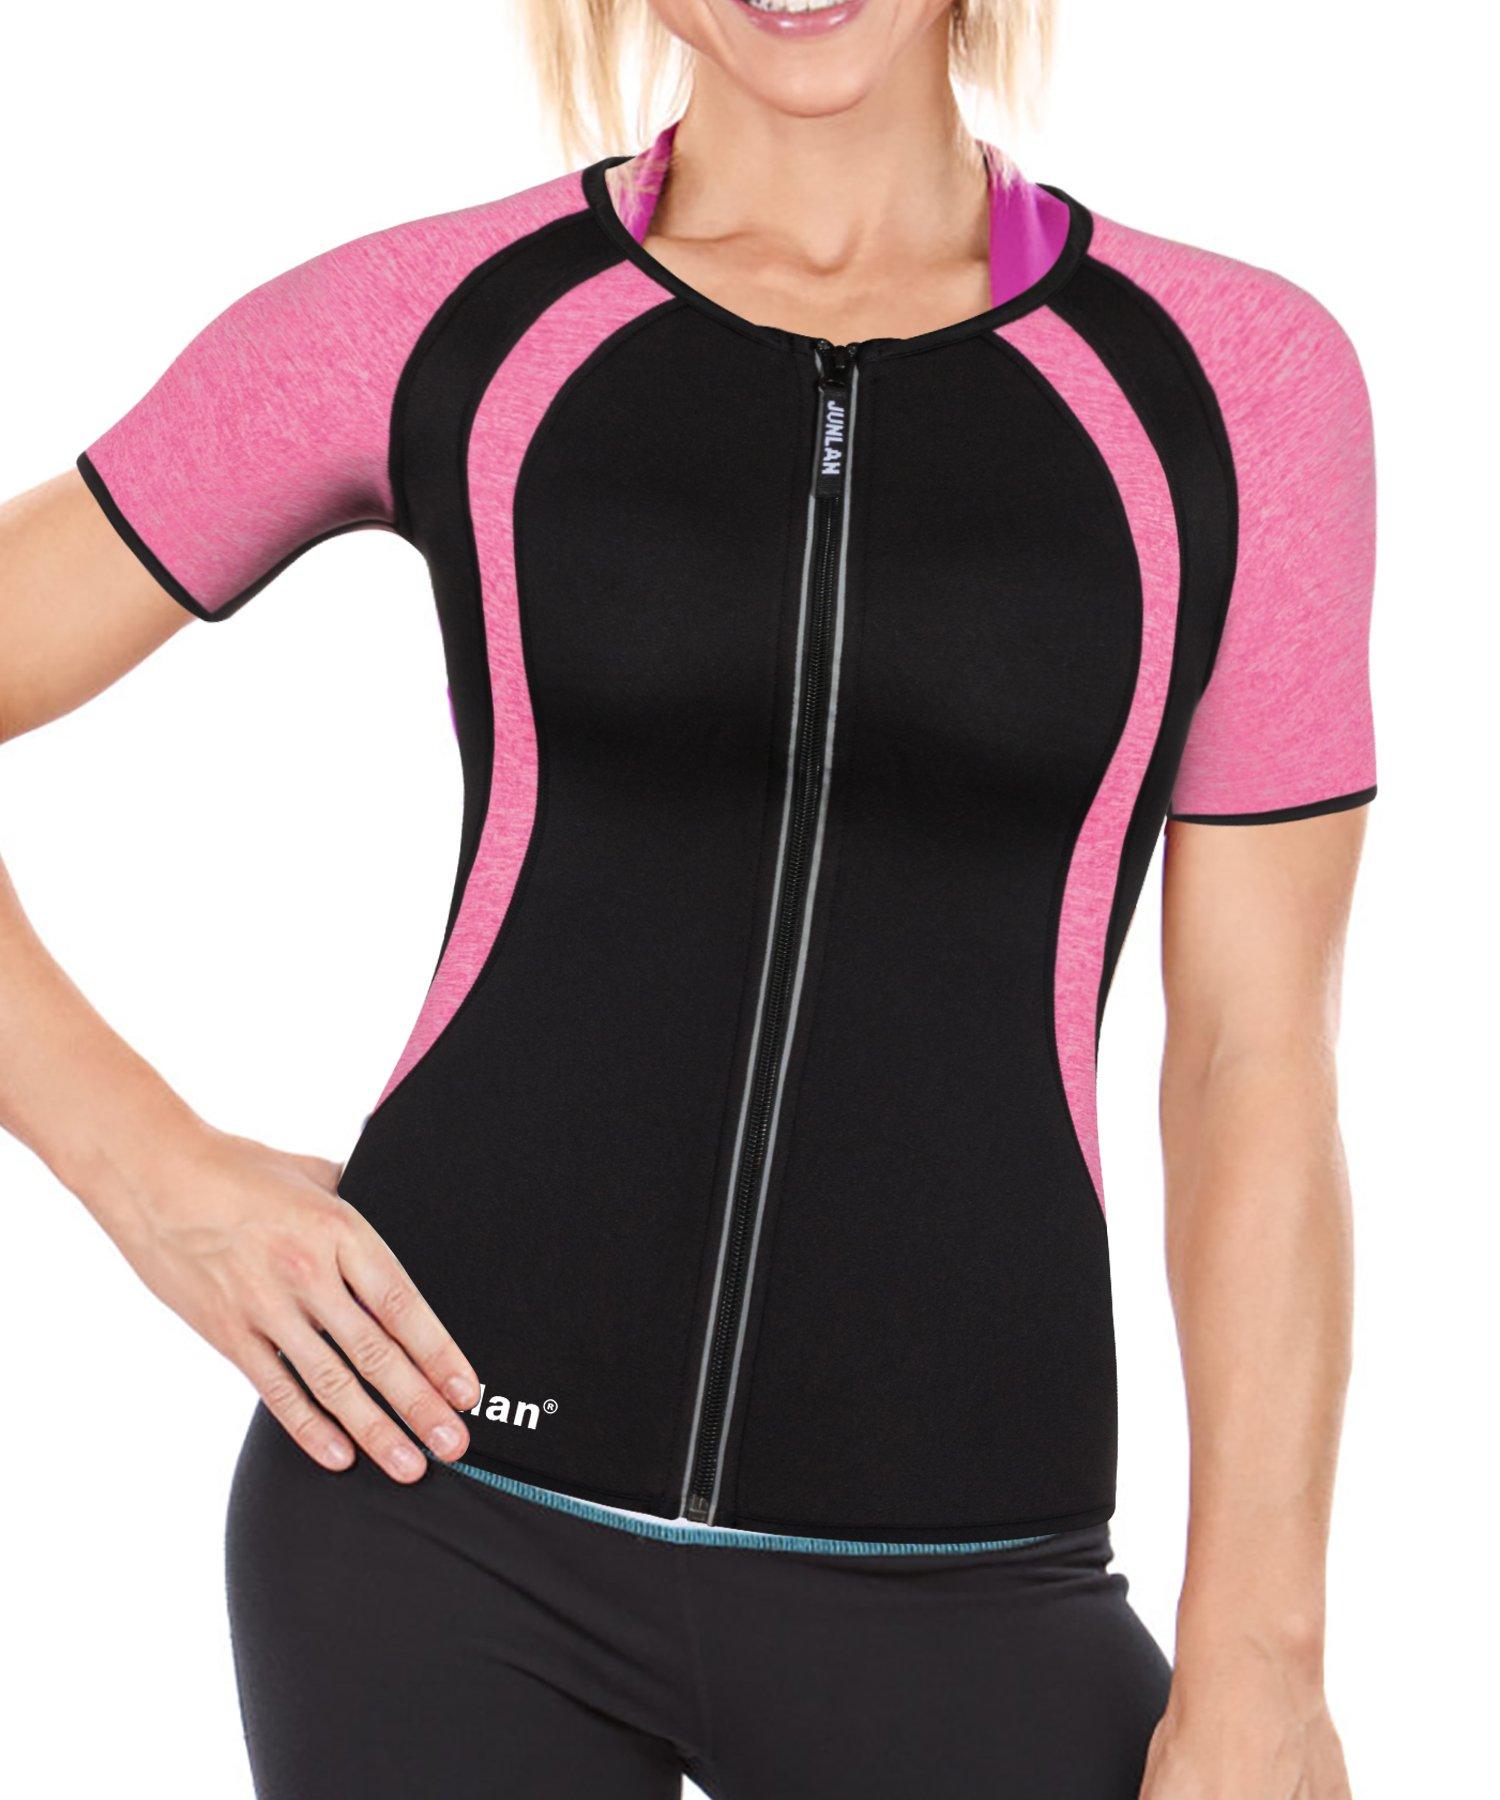 Hot Sweat Body Shaper T Shirt Tummy Fat Burner Slimming Sauna Shirts Weight Loss Shapewear Black (Sauna Suit Black, S)